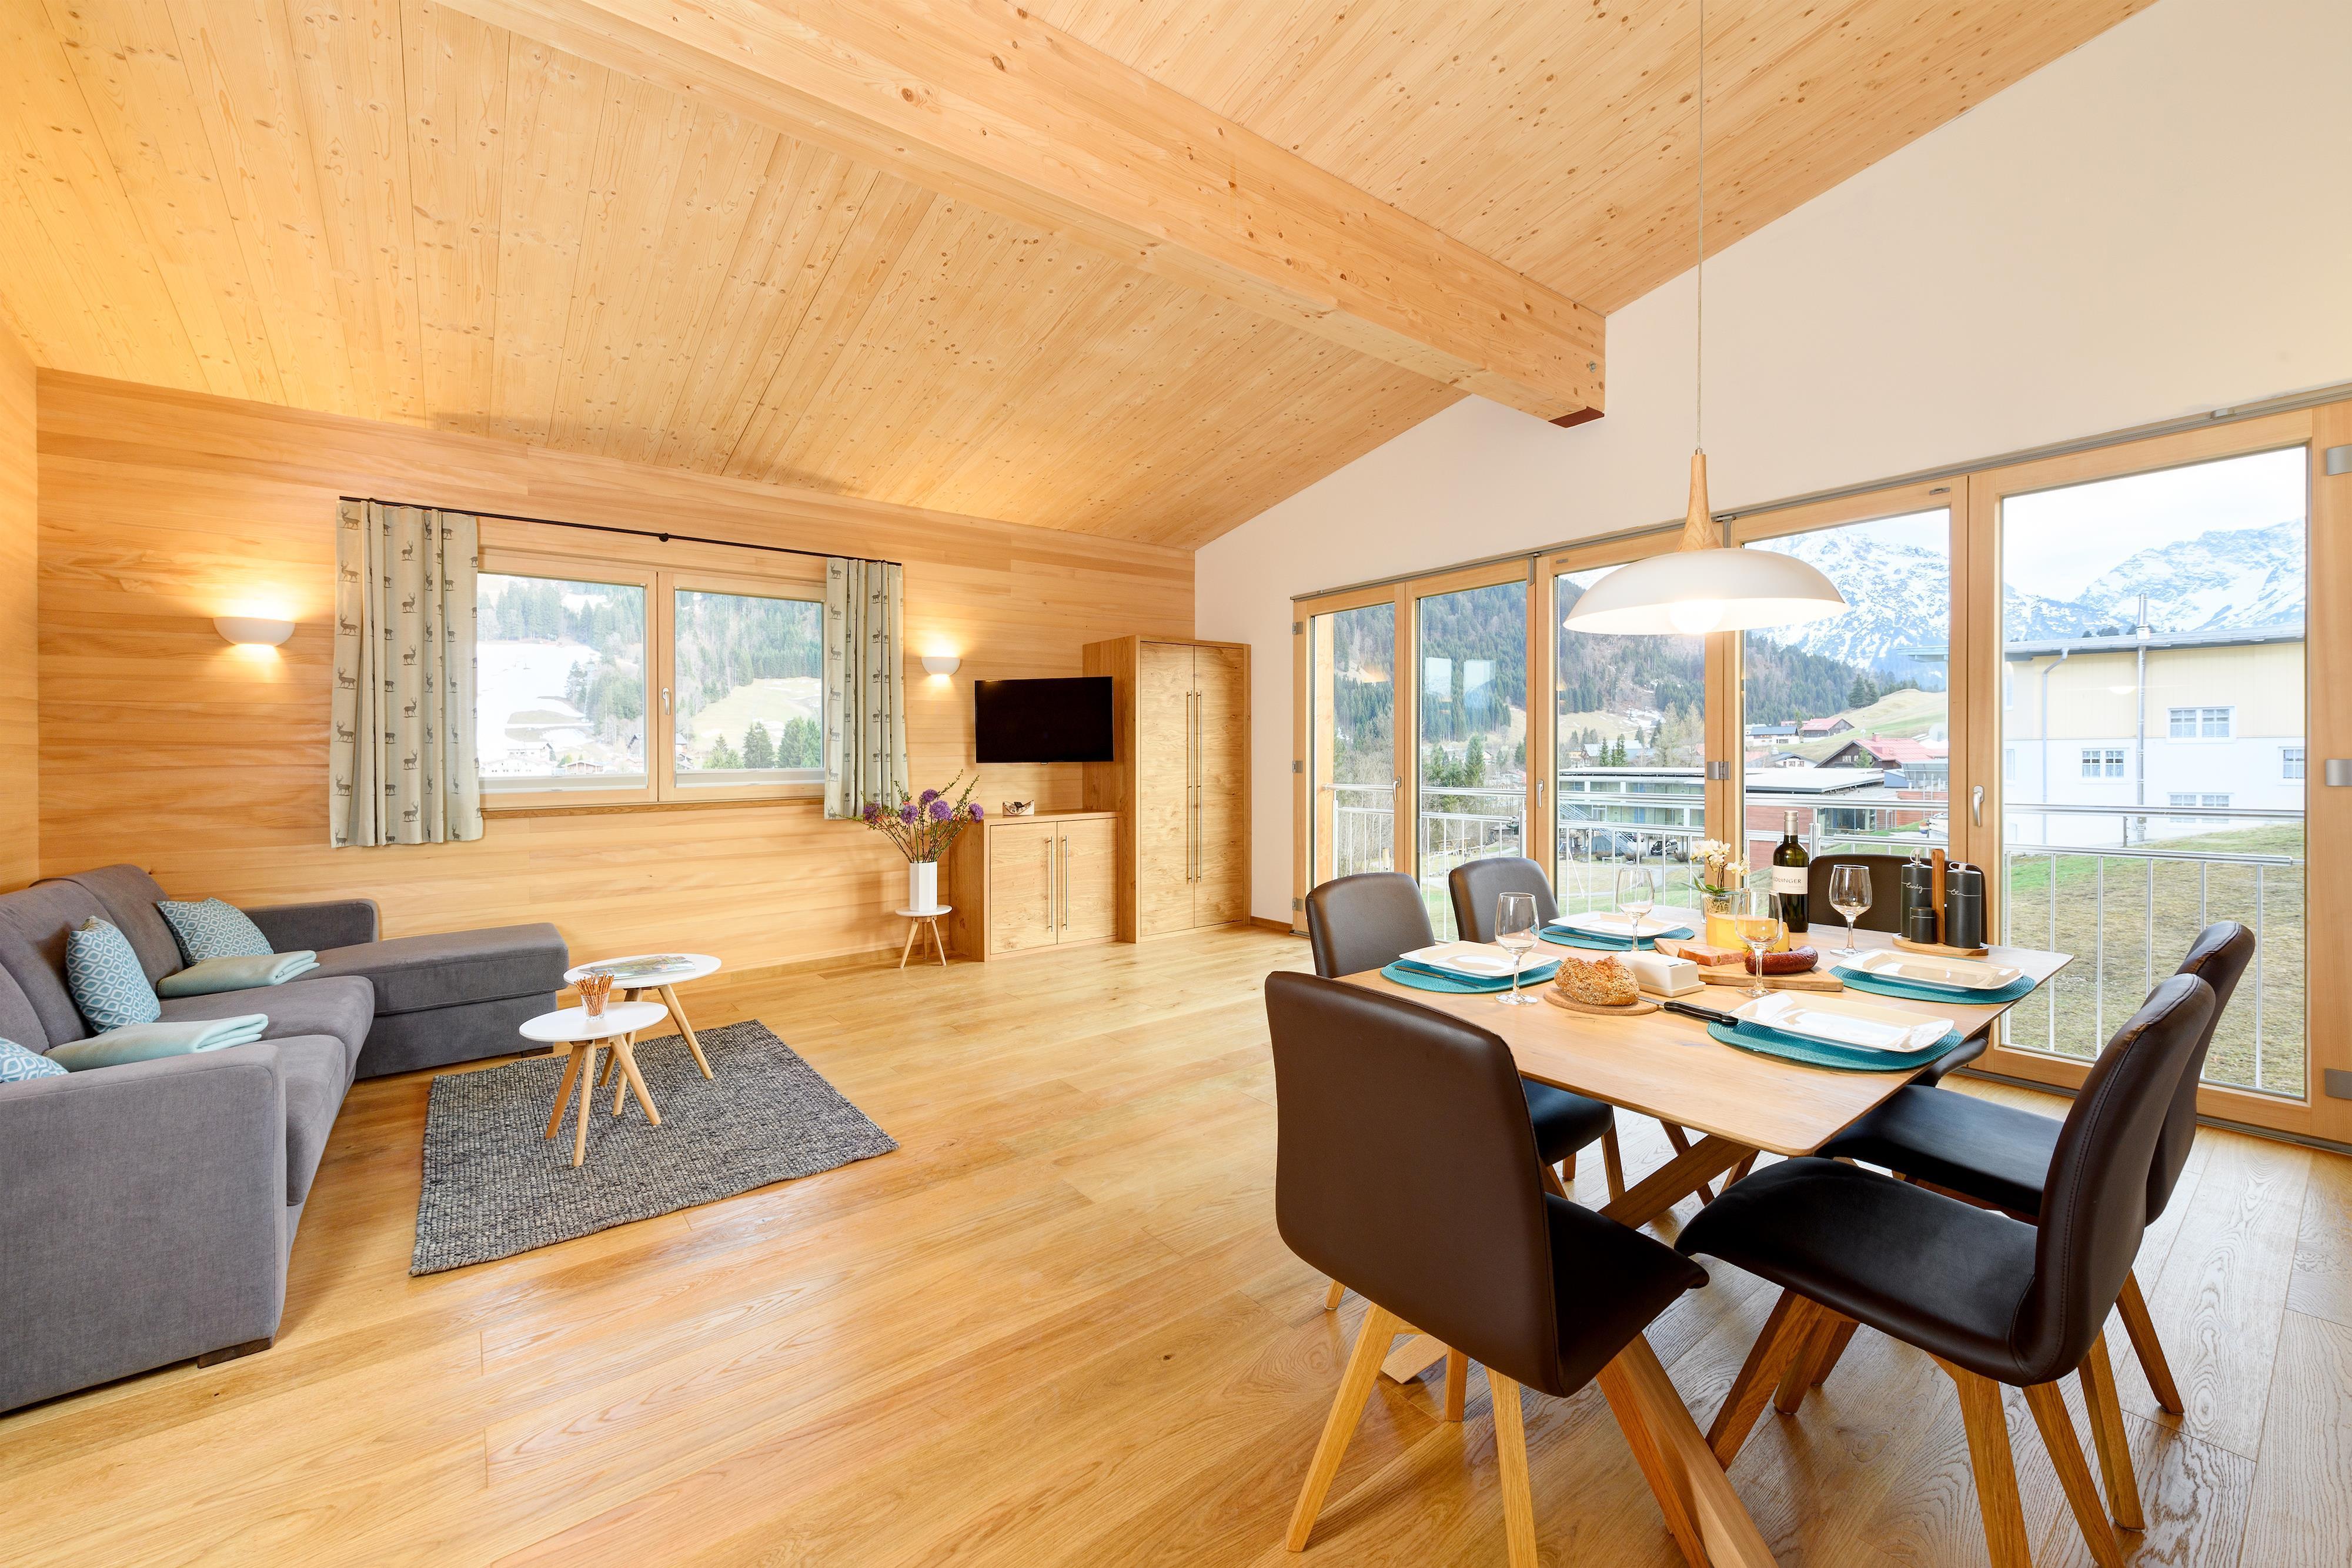 Appartement de vacances Gastler Chalet App./Fewo 2 Luzia, Dusche, WC, 1 Schlafraum (2186403), Riezlern (AT), Kleinwalsertal, Vorarlberg, Autriche, image 1